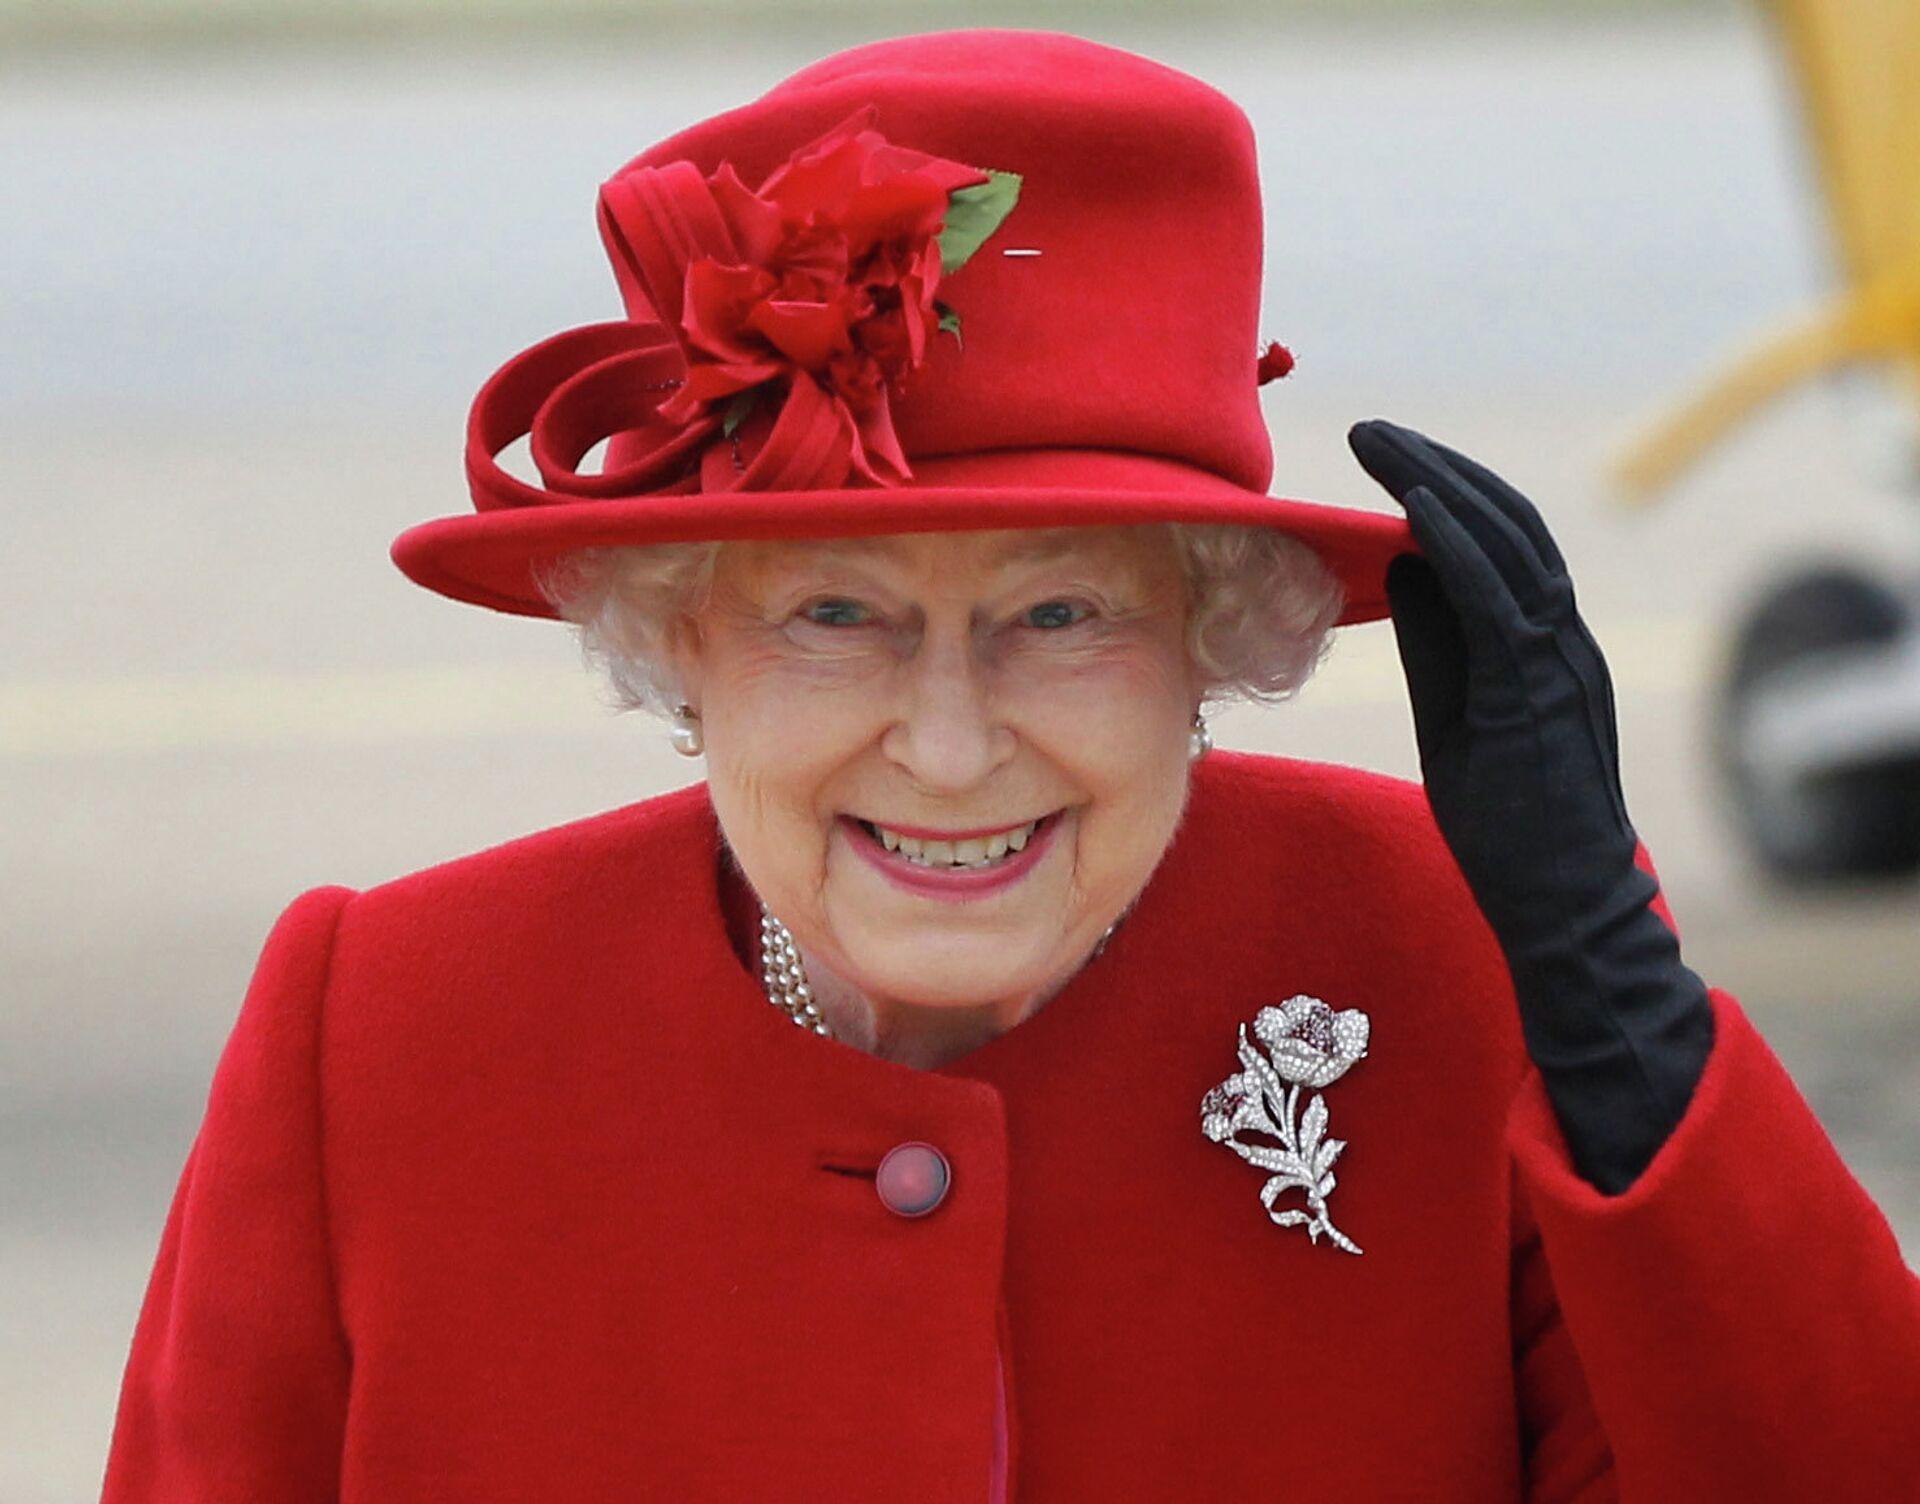 Королева Великобритании Елизавета II - РИА Новости, 1920, 18.06.2021